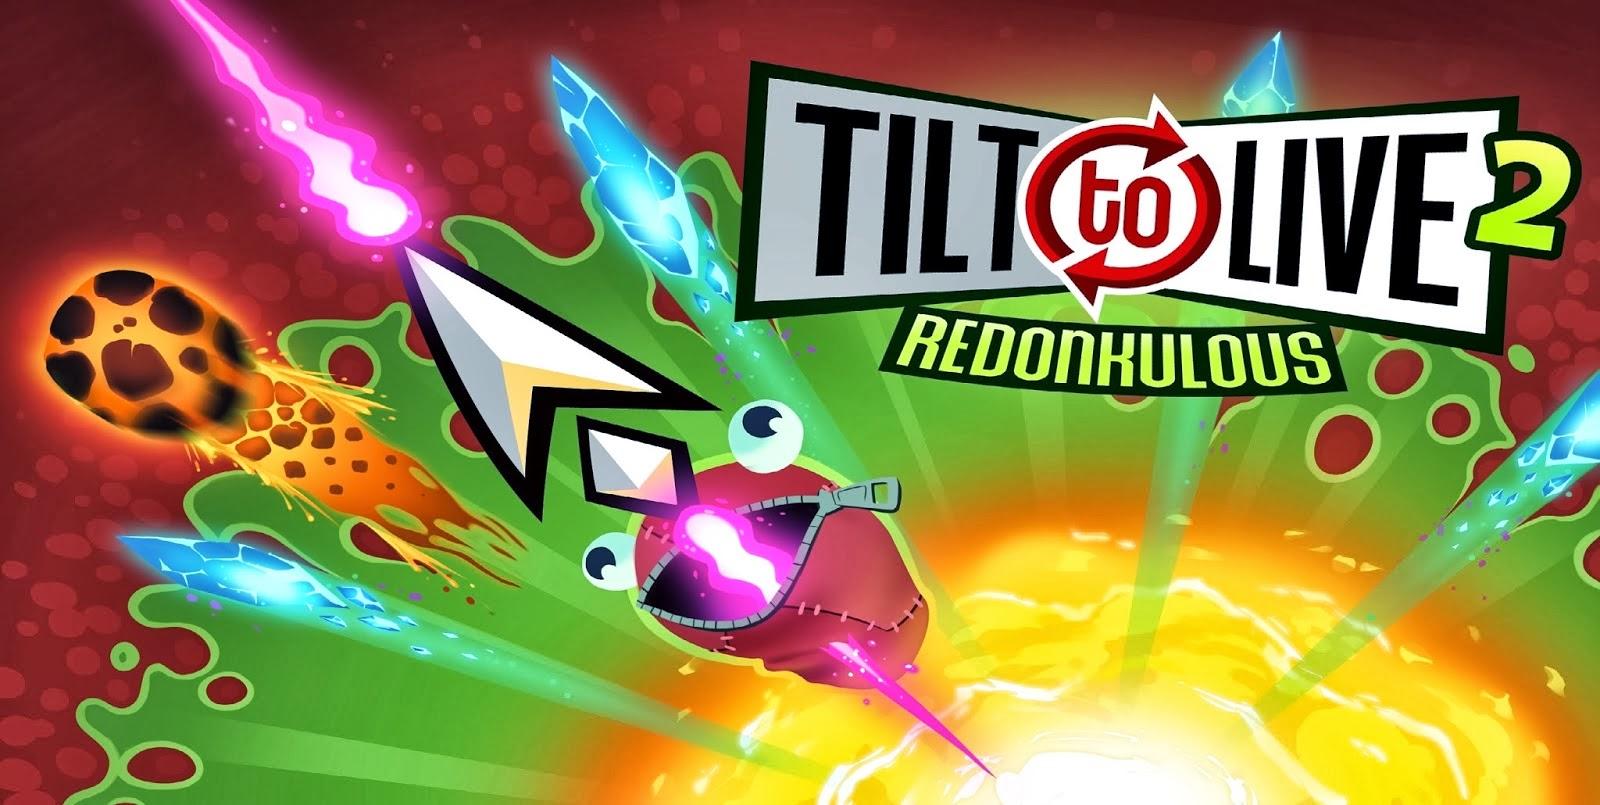 Tilt to Live 2 Redonkulous v1.2.4 Apk